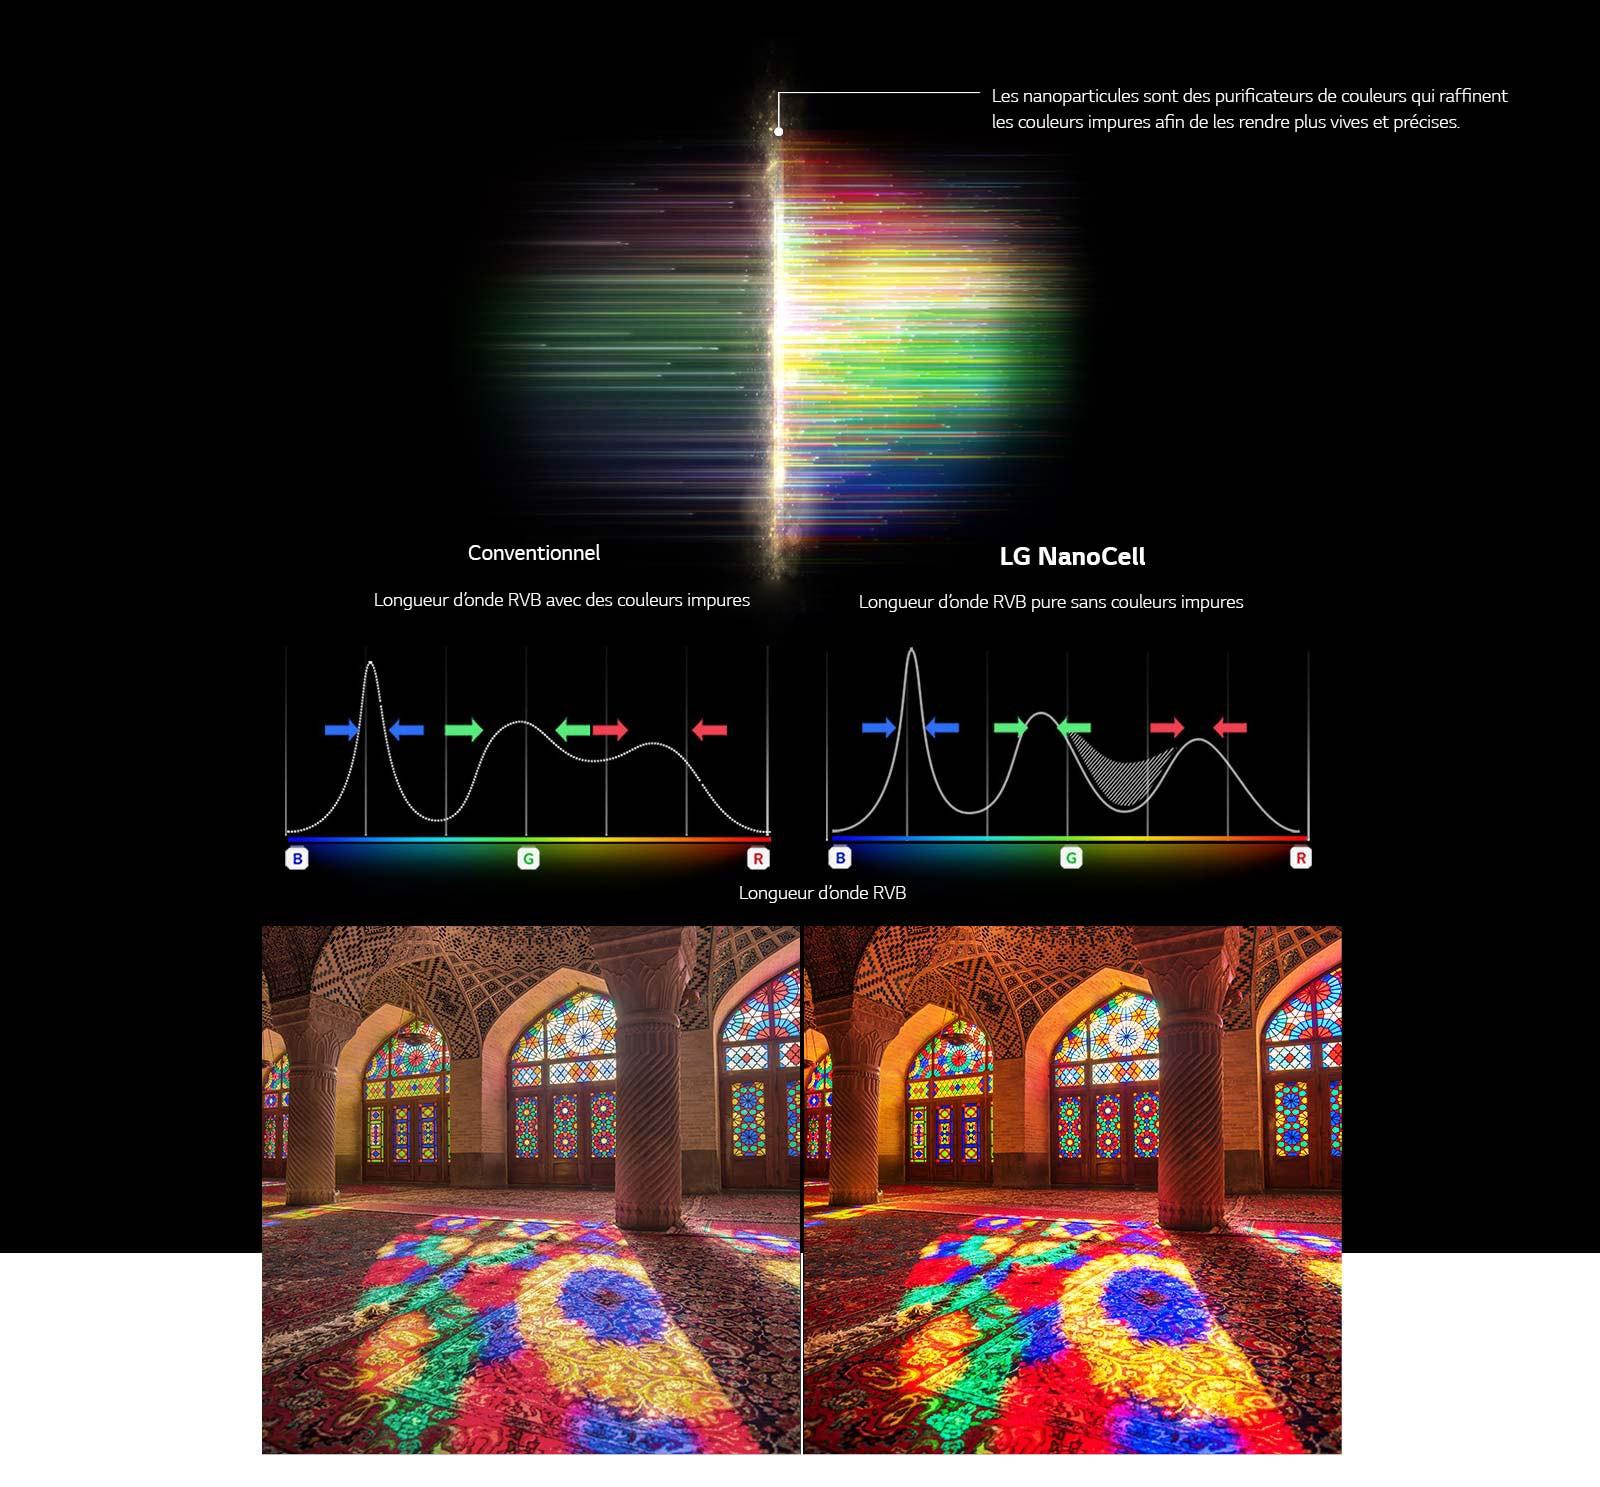 Ce graphique du spectre RVB montre la différence entre des images normales et des images avec des couleurs ternes nettoyées et compare la solidité des couleurs entre la technologie normale et la technologie NanoCell.